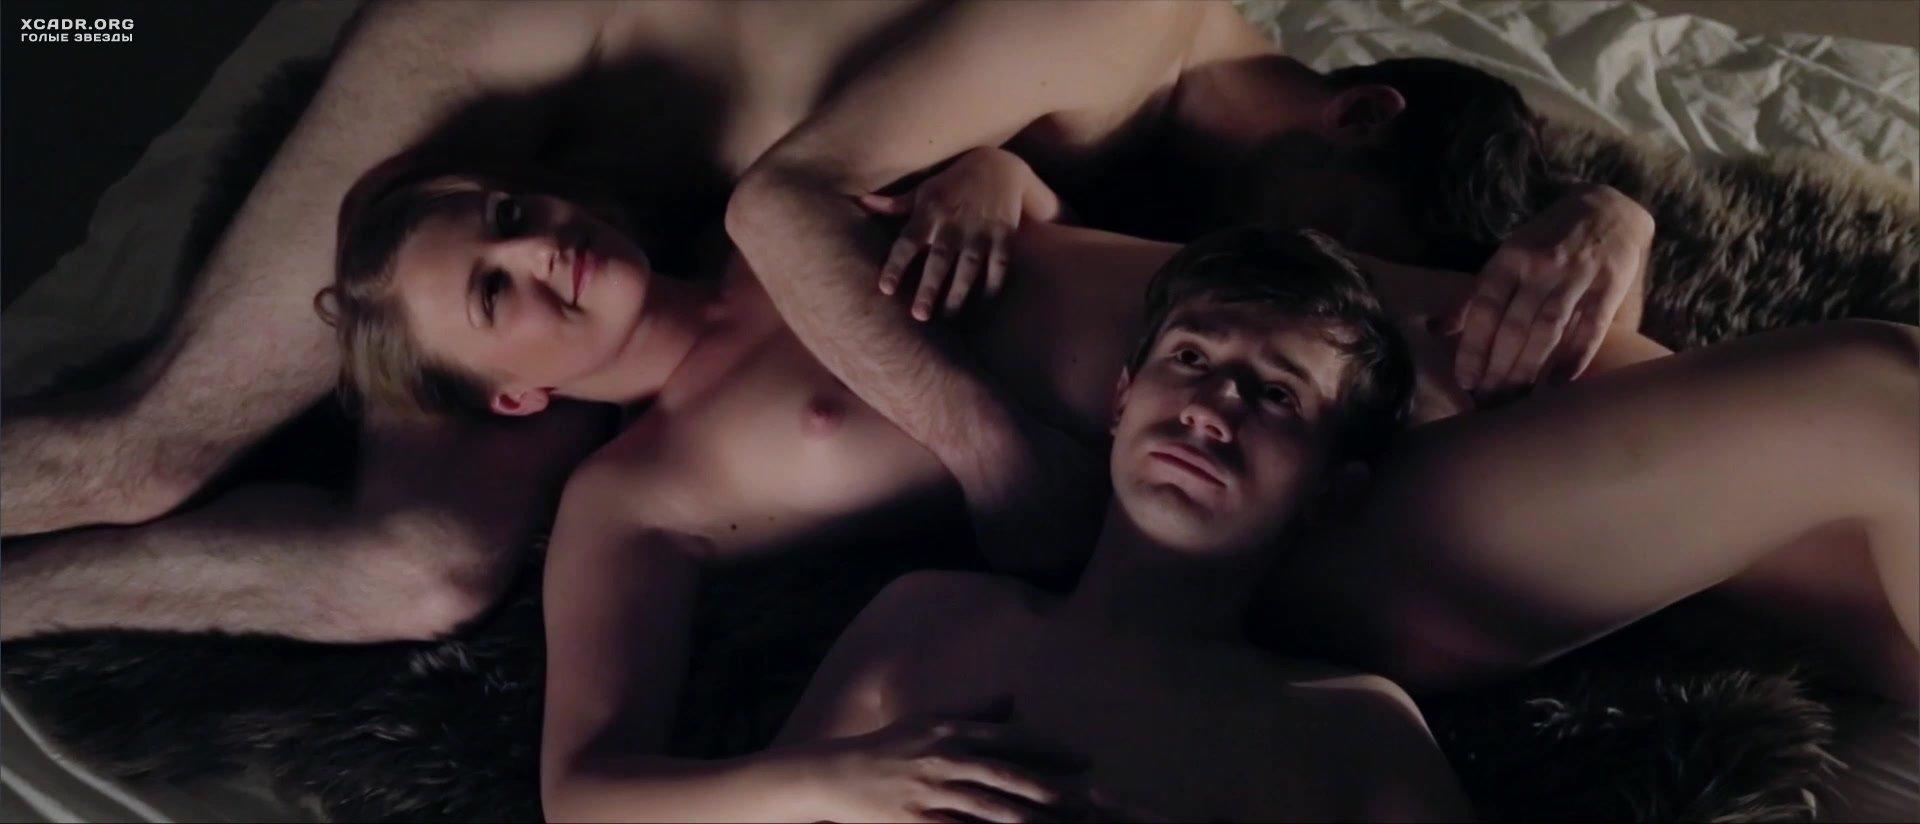 Эротические фото девушек и мужиков сравнил понял